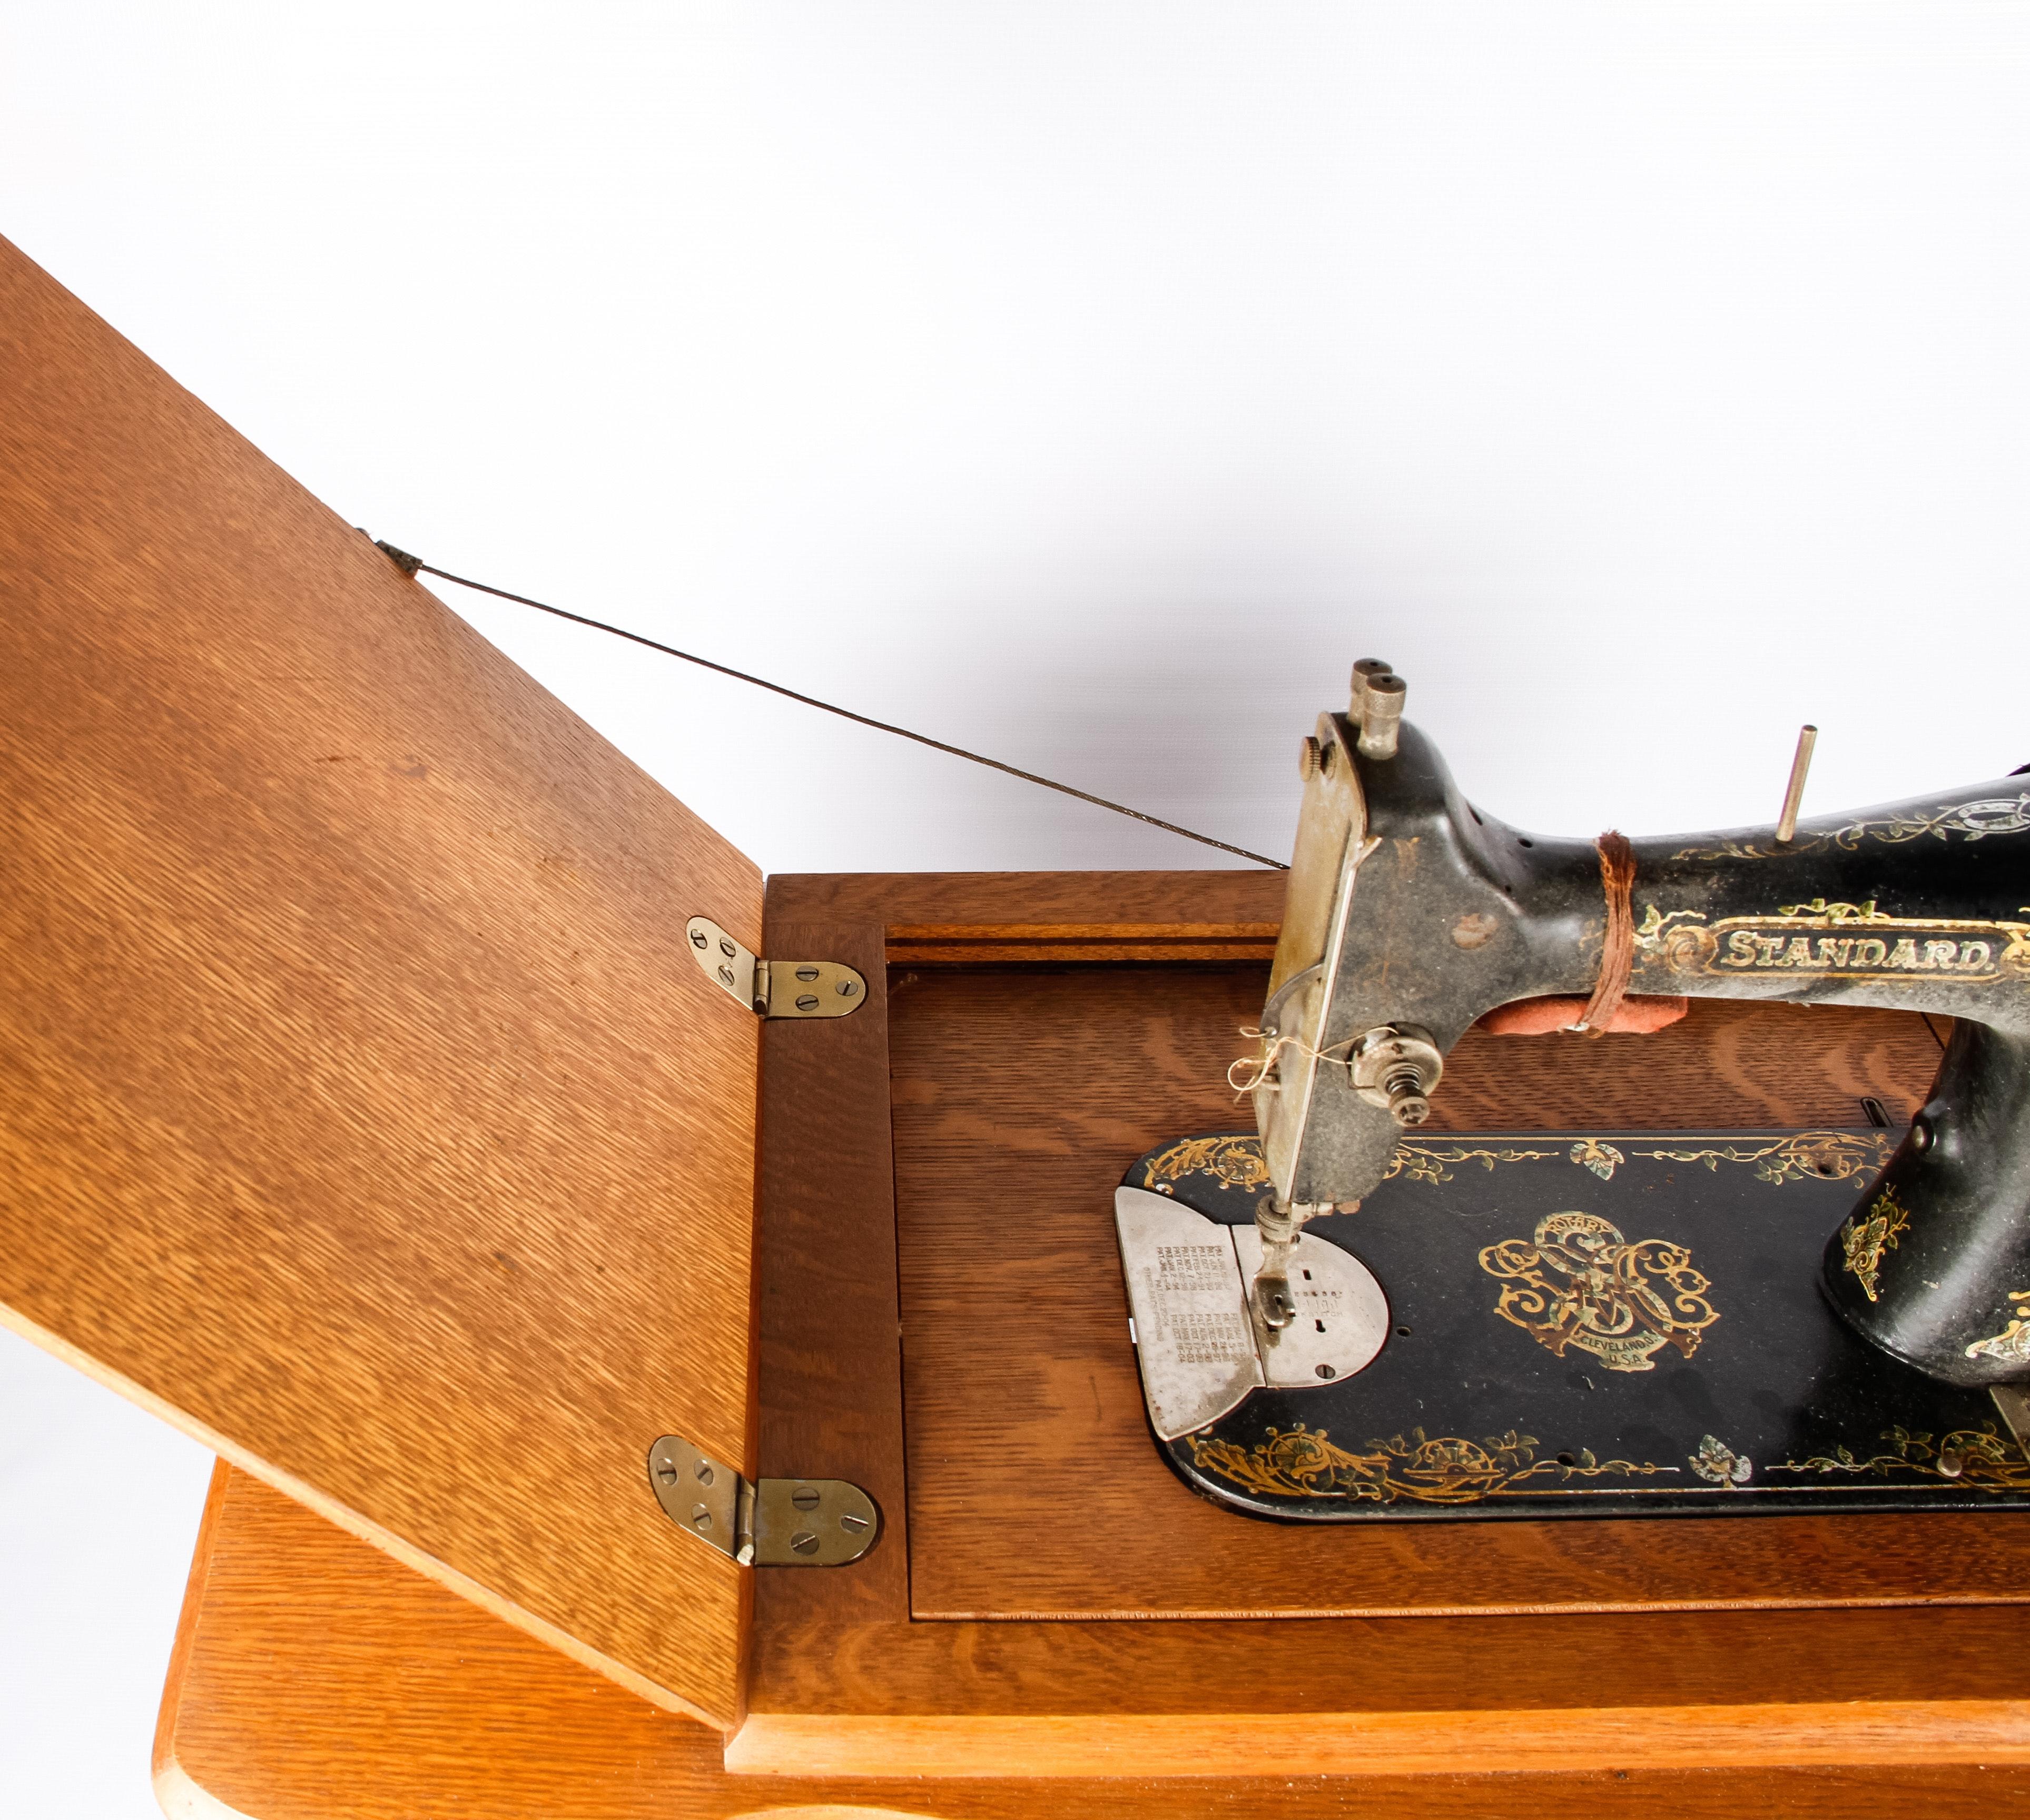 vintage standard sewing machine